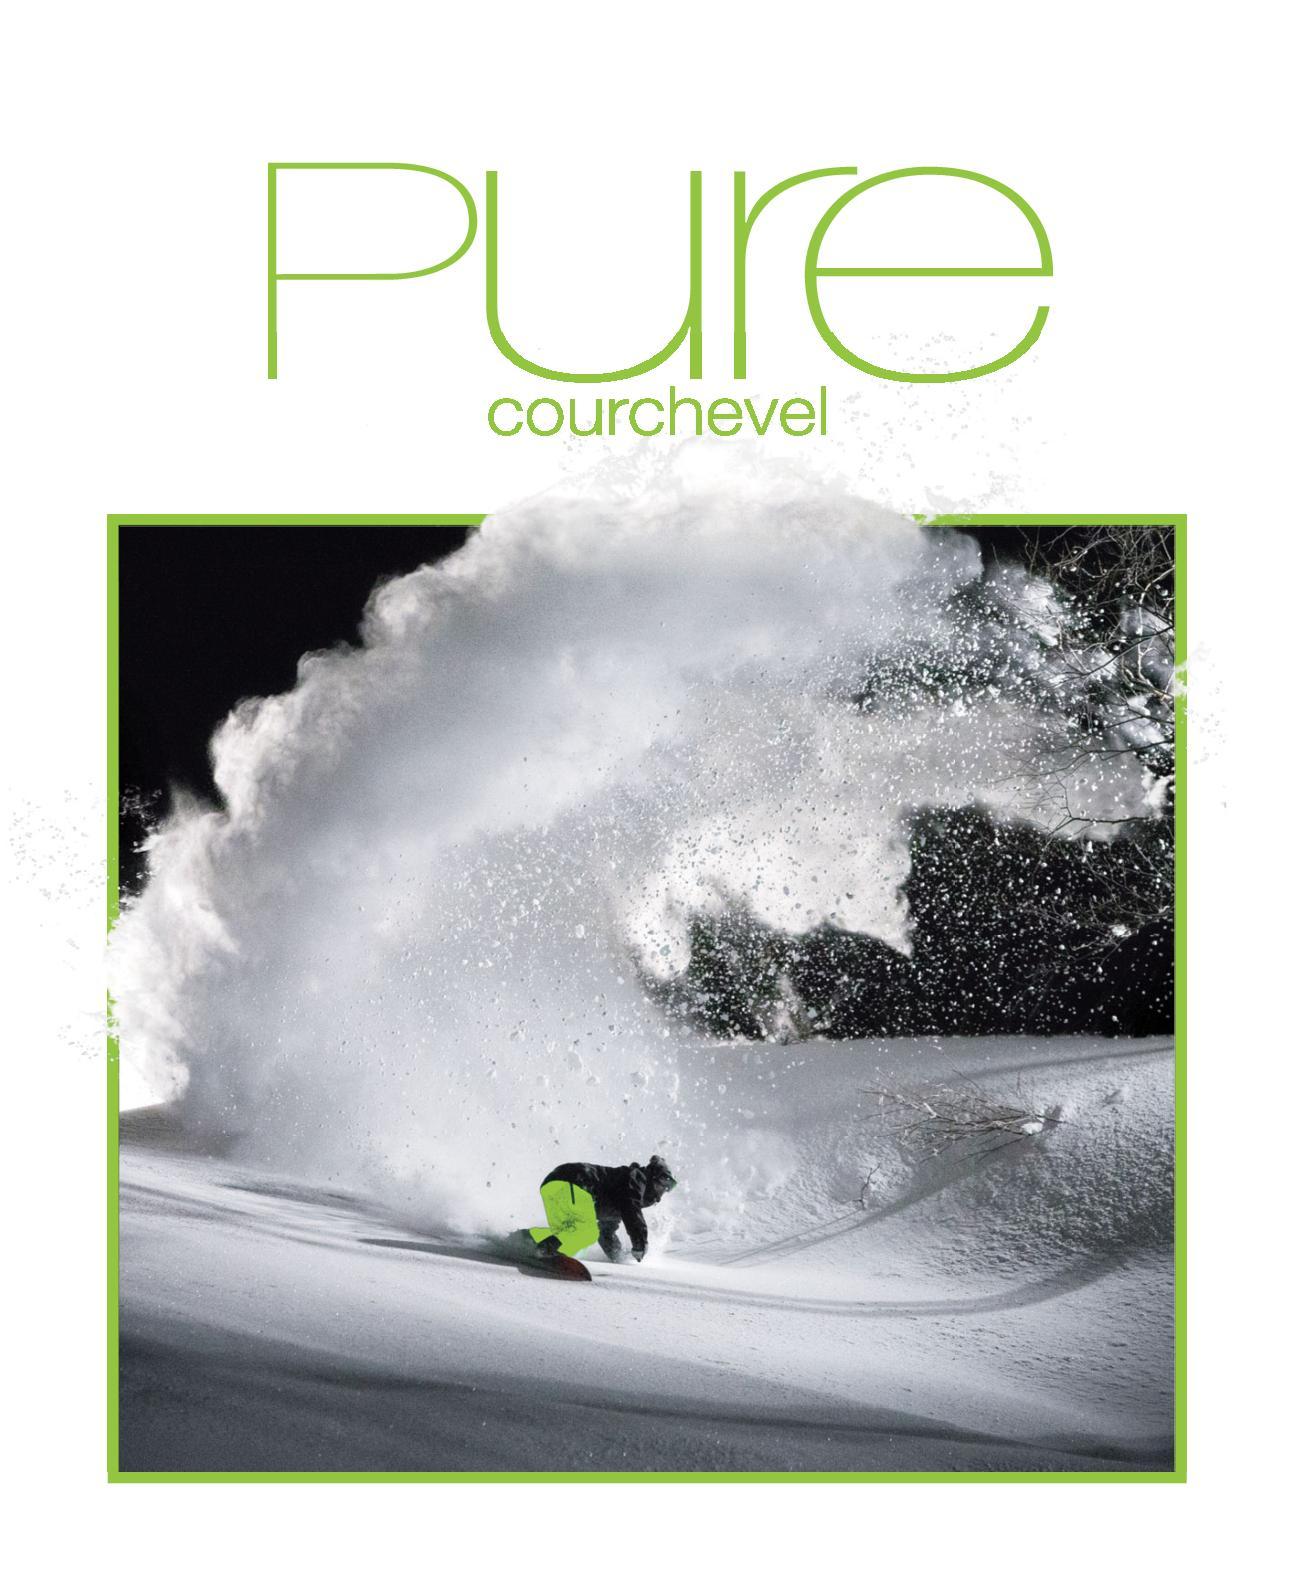 Février2019 Courchevel Pure Pure Calaméo Calaméo Courchevel Février2019 34RqSjLc5A